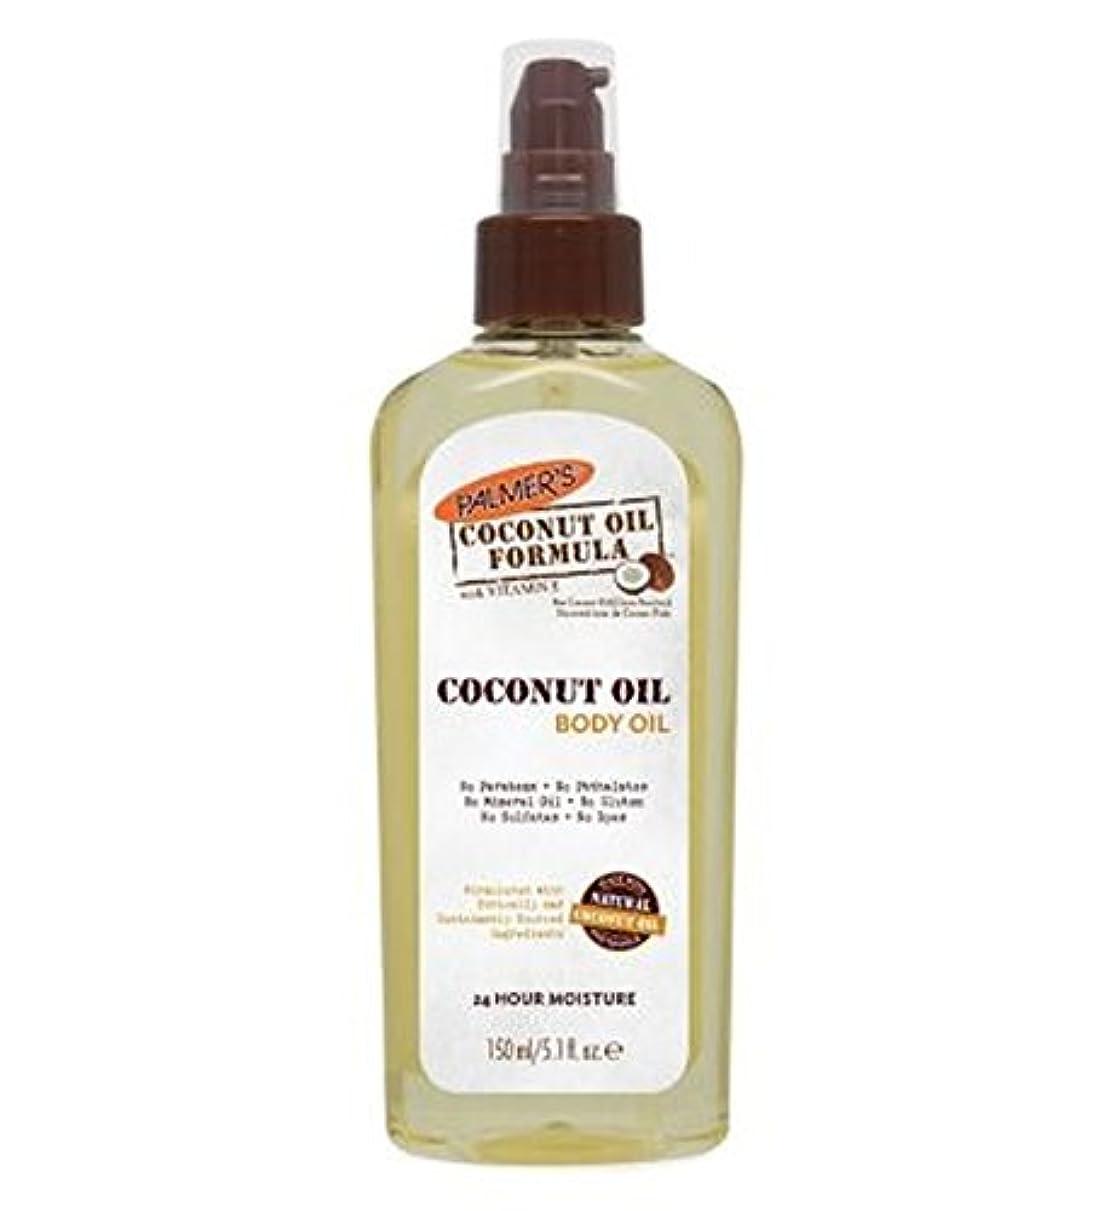 課税思われる行方不明パーマーのココナッツオイル式ボディオイル150ミリリットル (Palmer's) (x2) - Palmer's Coconut Oil Formula Body Oil 150ml (Pack of 2) [並行輸入品]